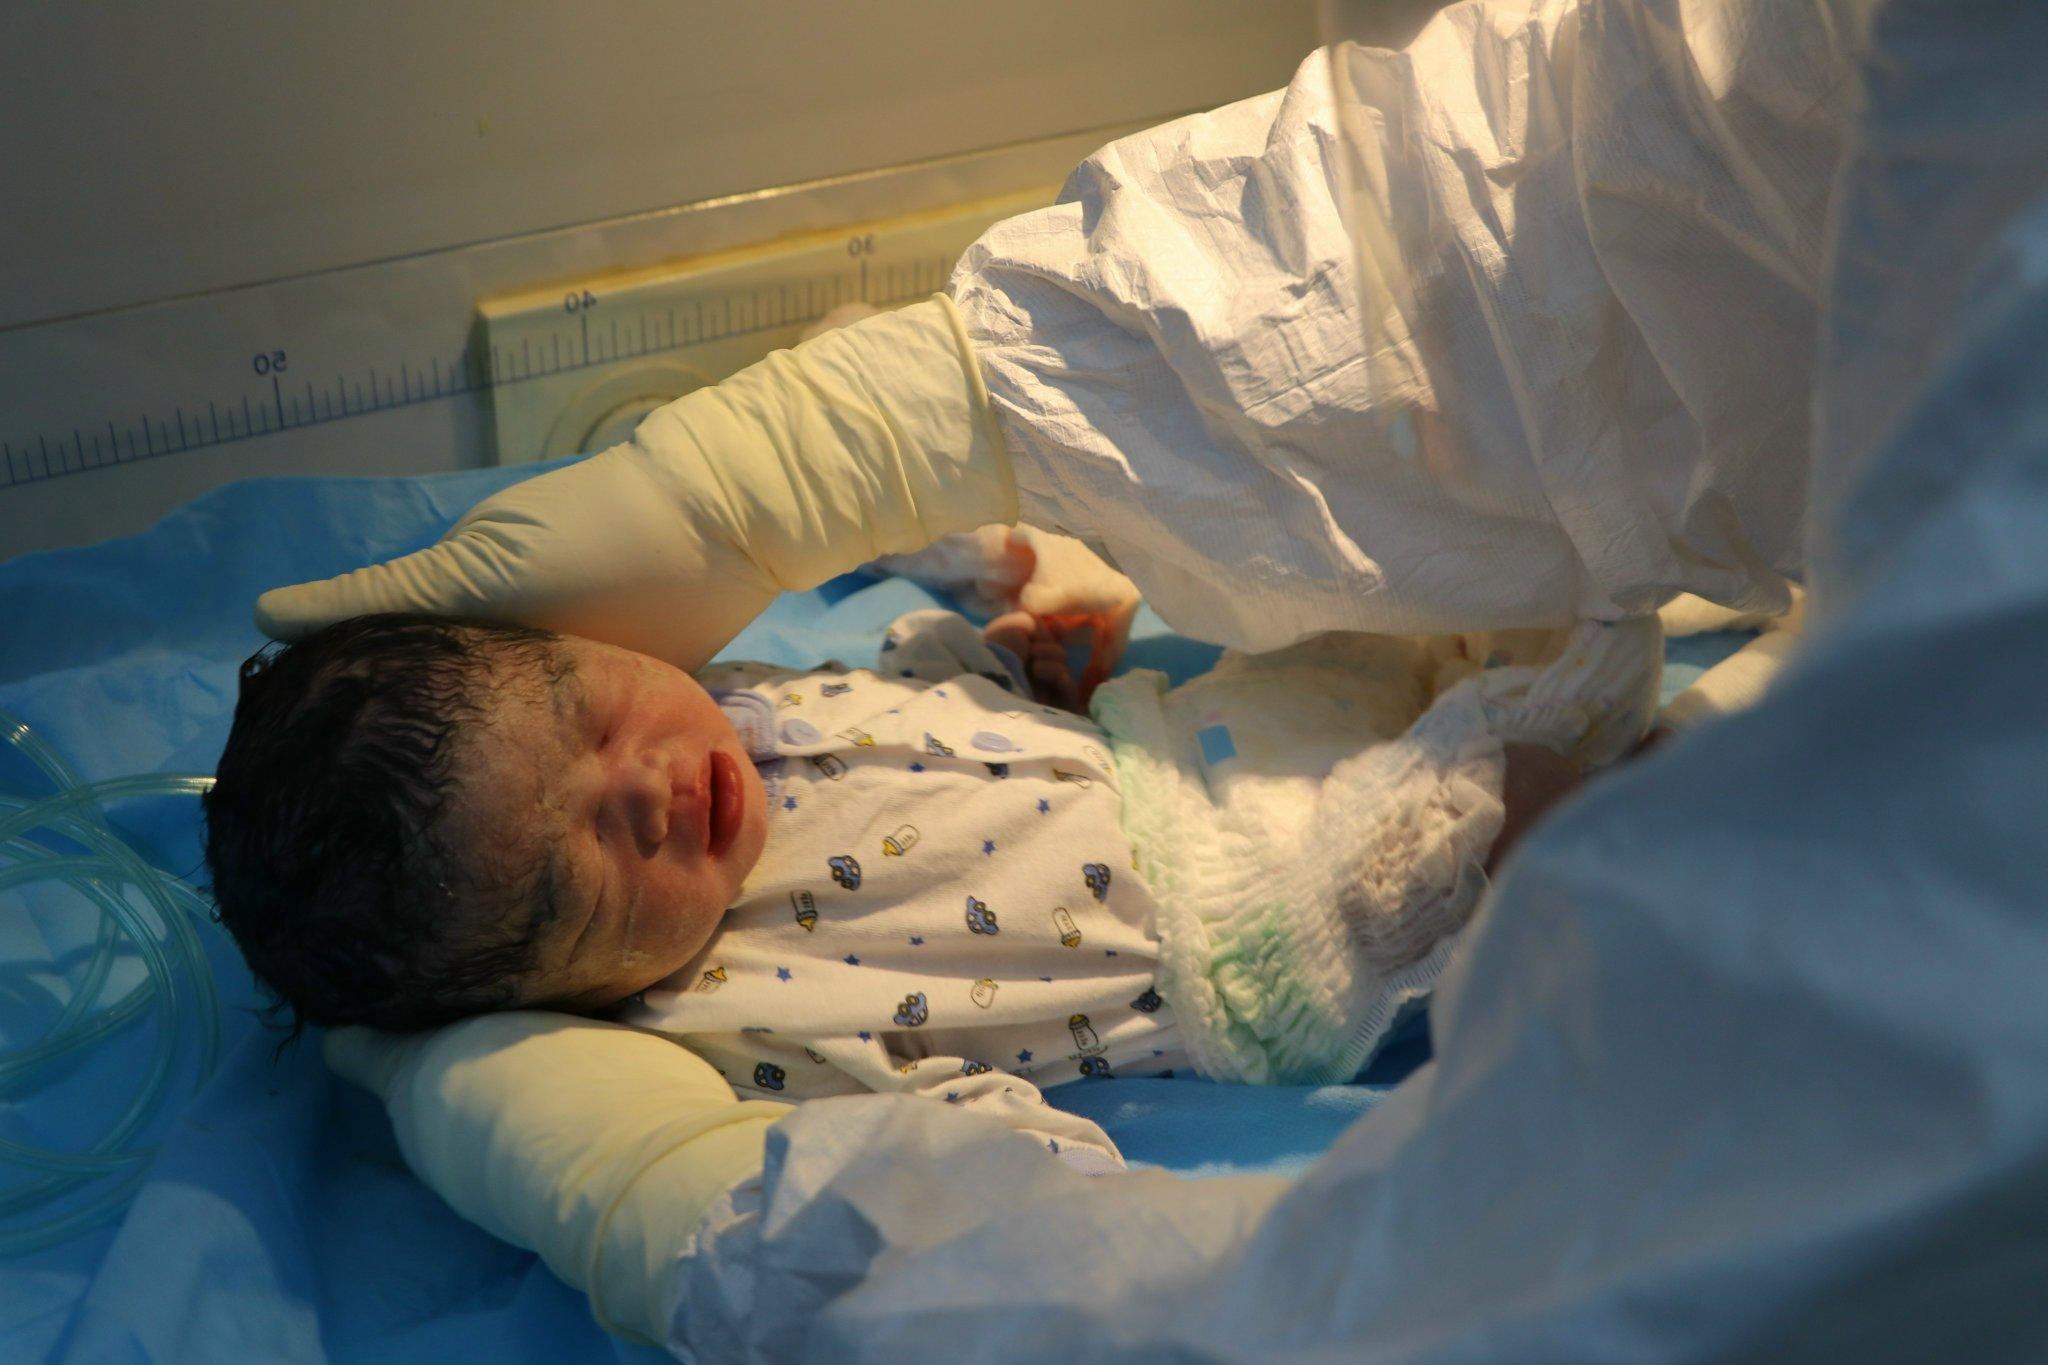 Mẹ mắc Covid-19 hôn mê, bé sơ sinh được điều dưỡng vắt sữa nuôi dưỡng